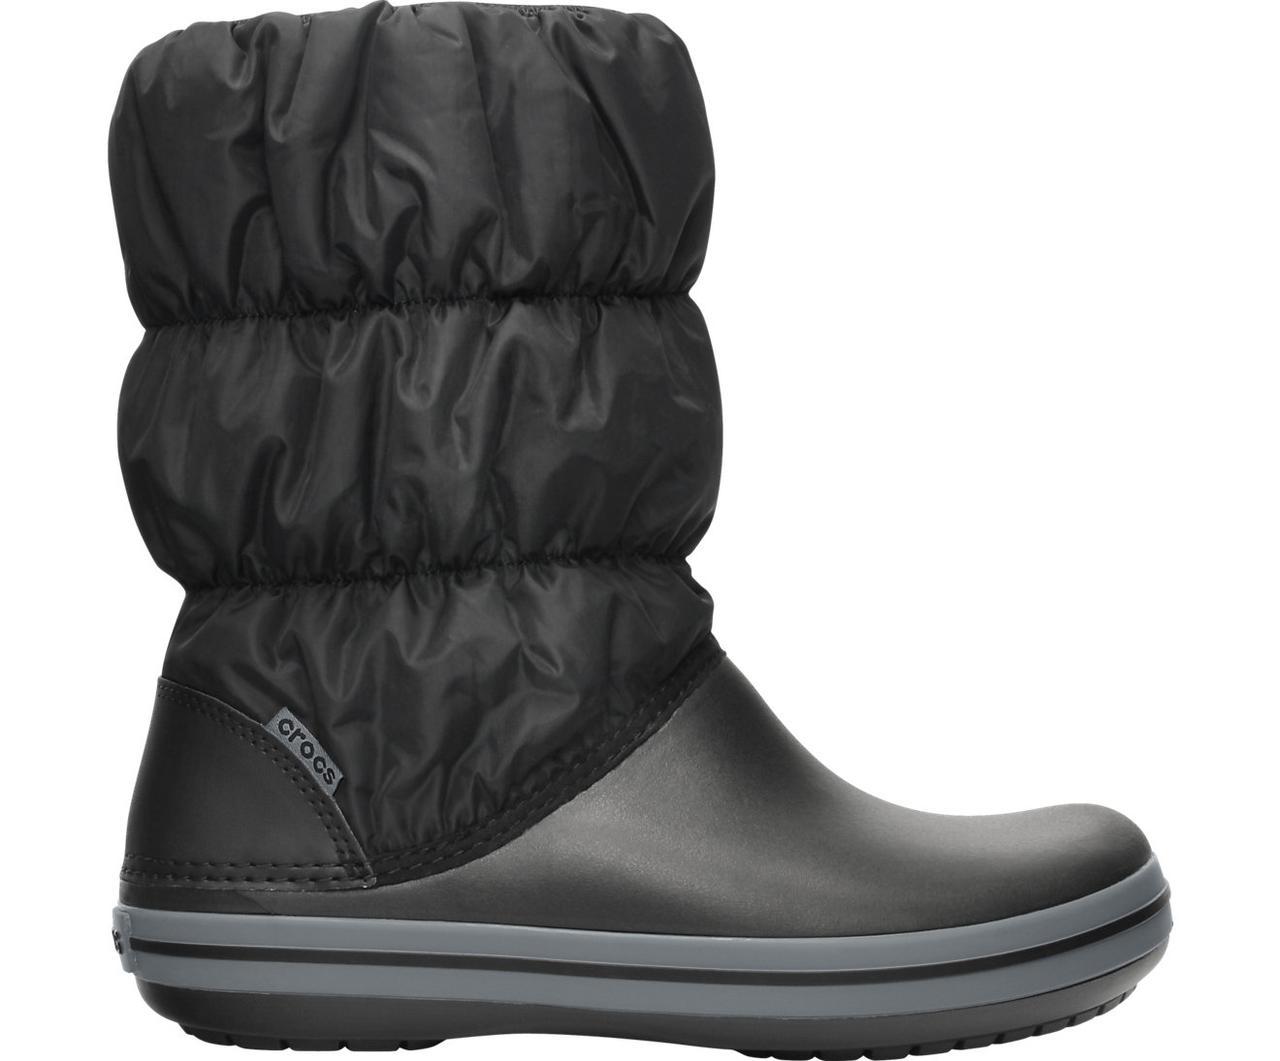 Сапоги зимние унисекс сноубутсы непромокаемые дутики / Crocs Winter Puff Boot (14614), Черные